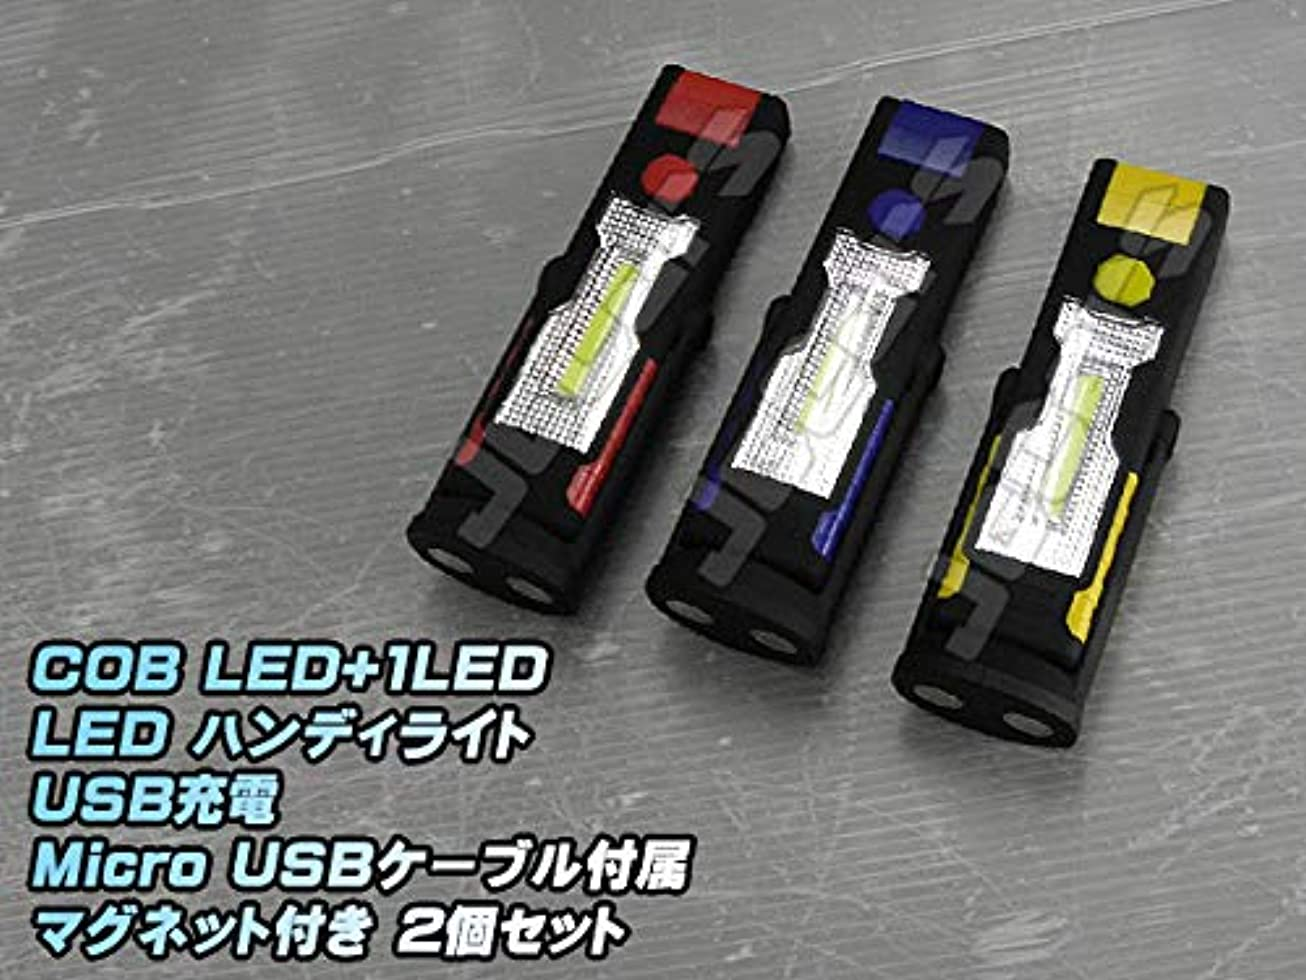 原因質量炭素LED ハンディライト 懐中電灯 COB LED+1LED USB充電式 360°回転 マグネット付き スタンド 2個セット